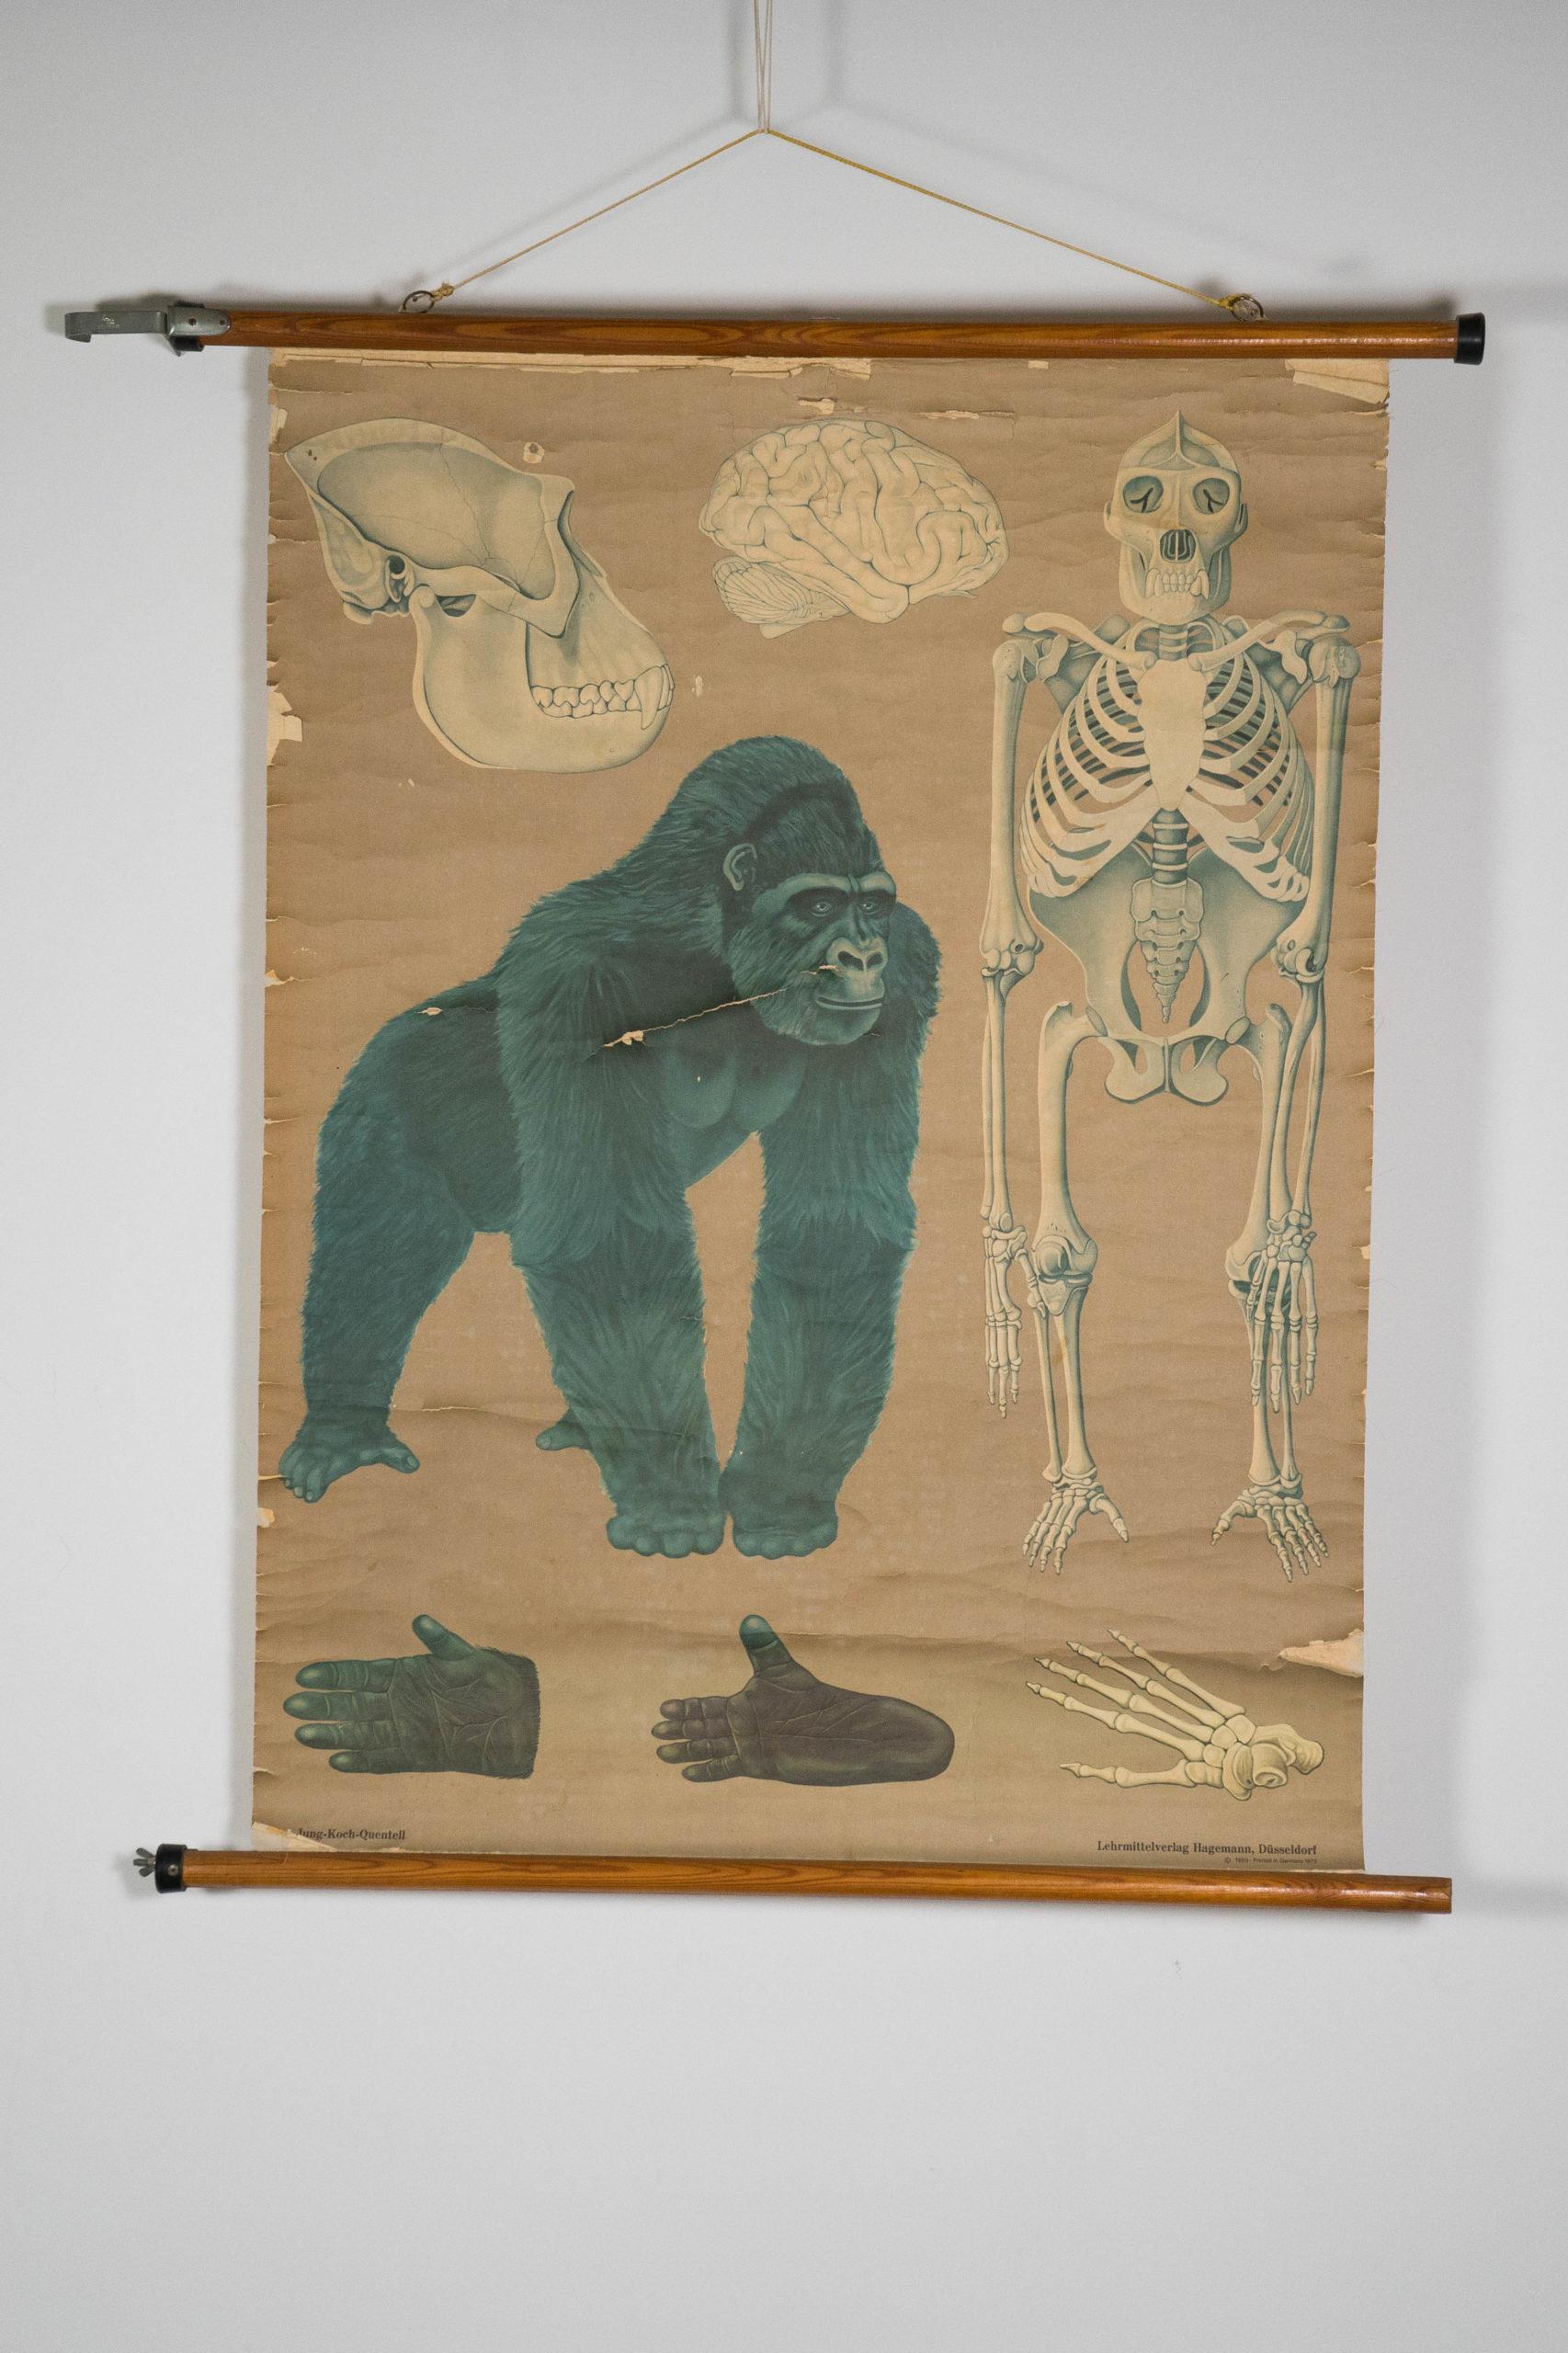 vista general de gorila azul vintage aleman de diseño